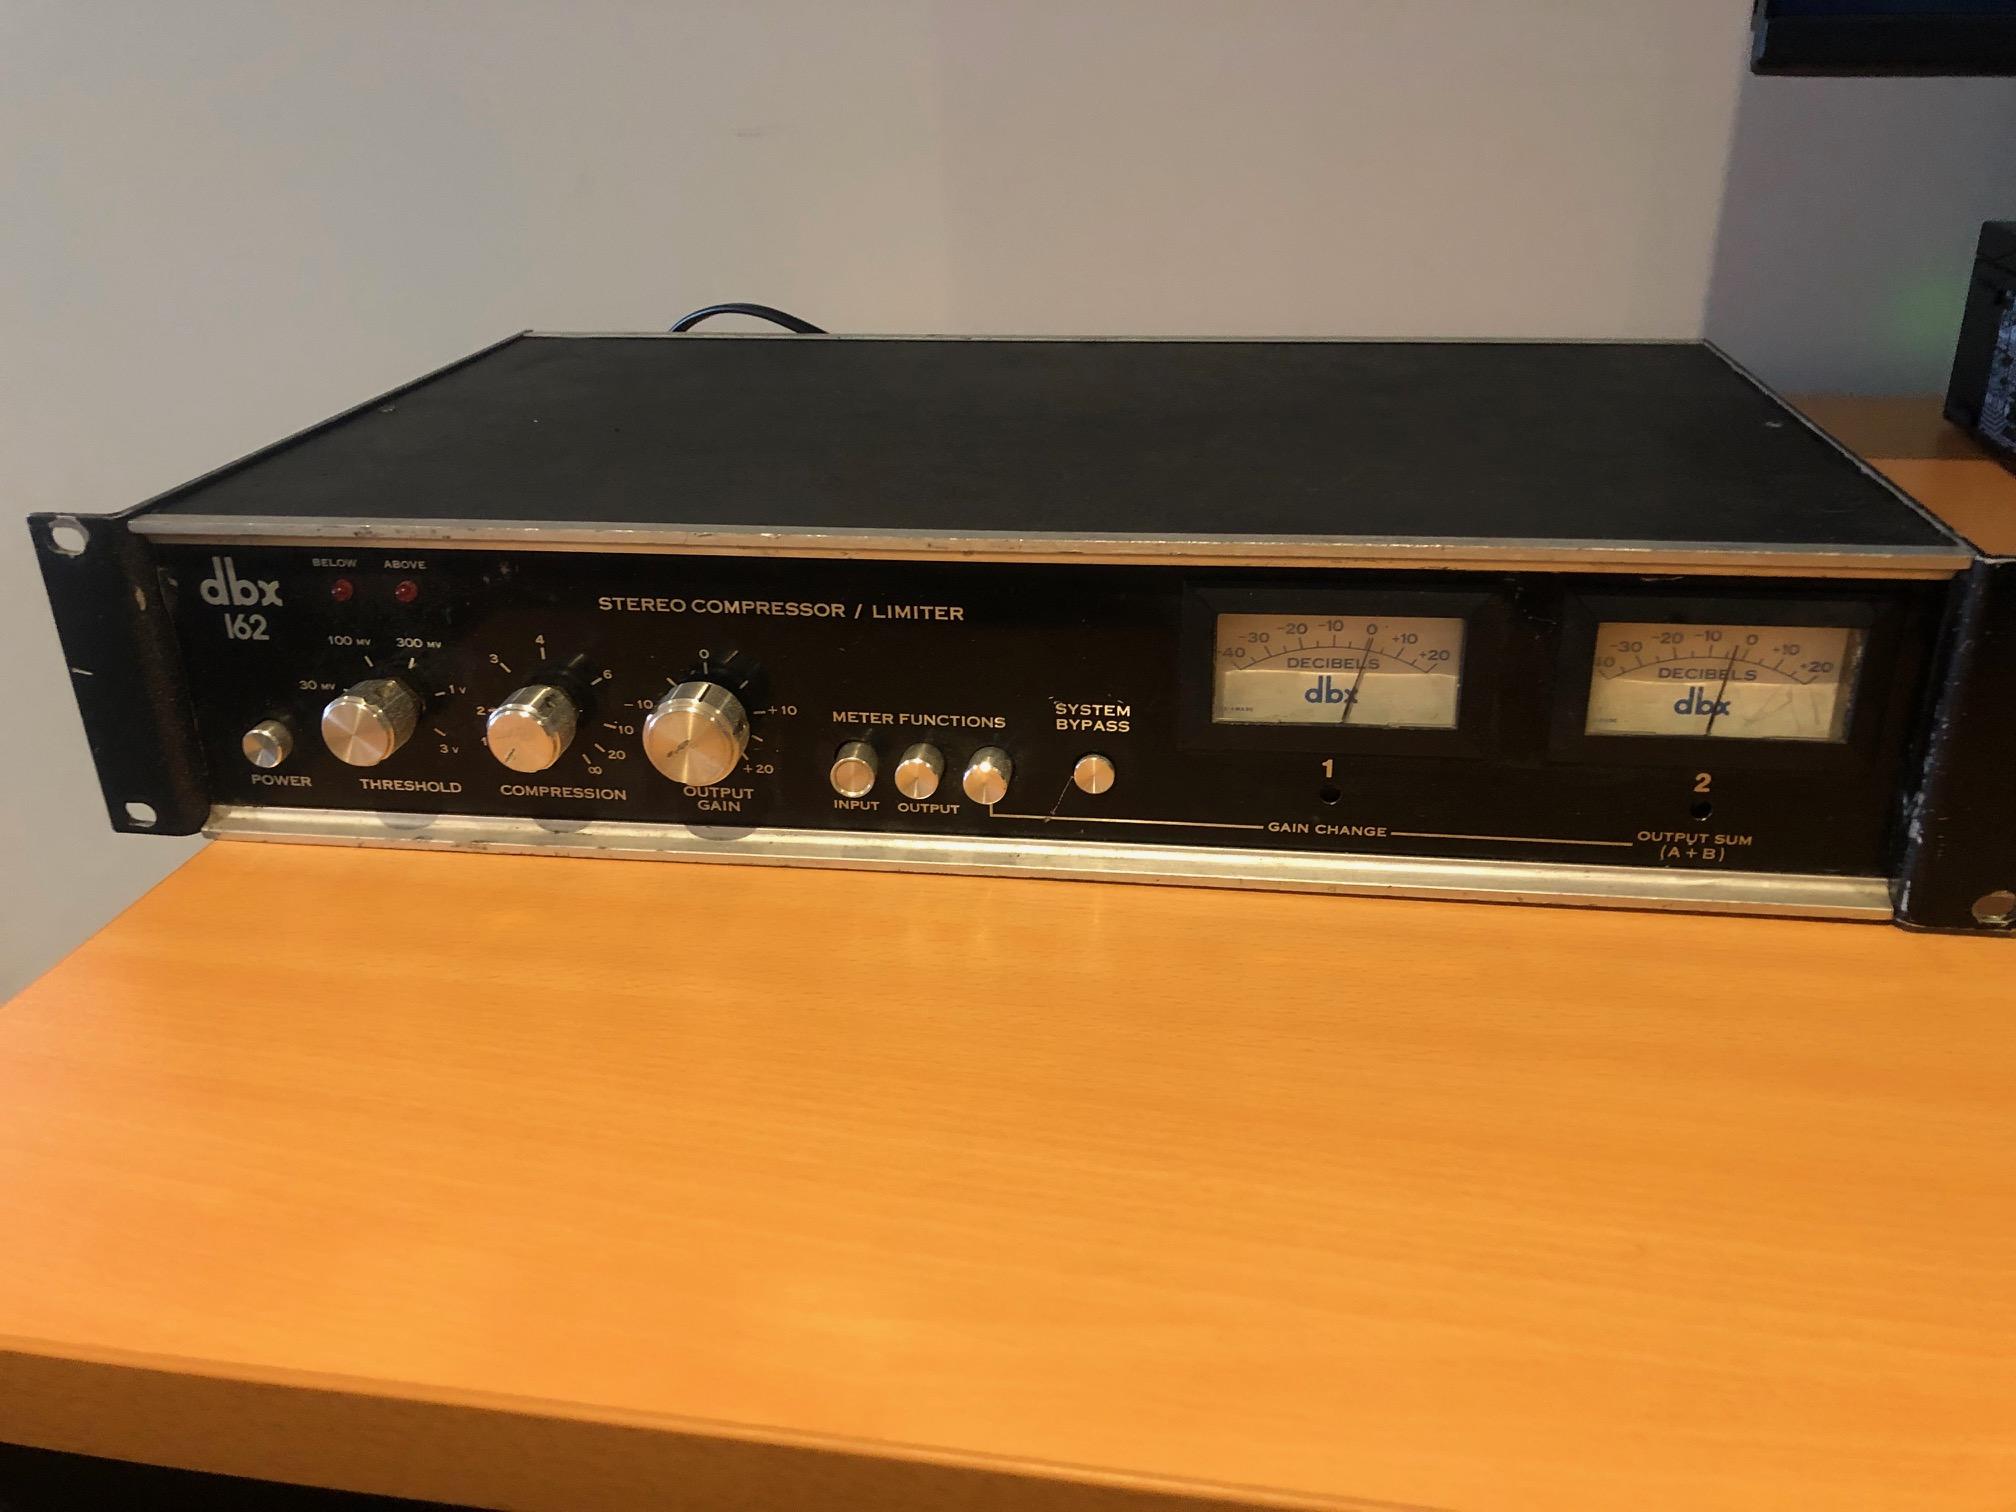 DBX 162 Classic Stereo Compressor